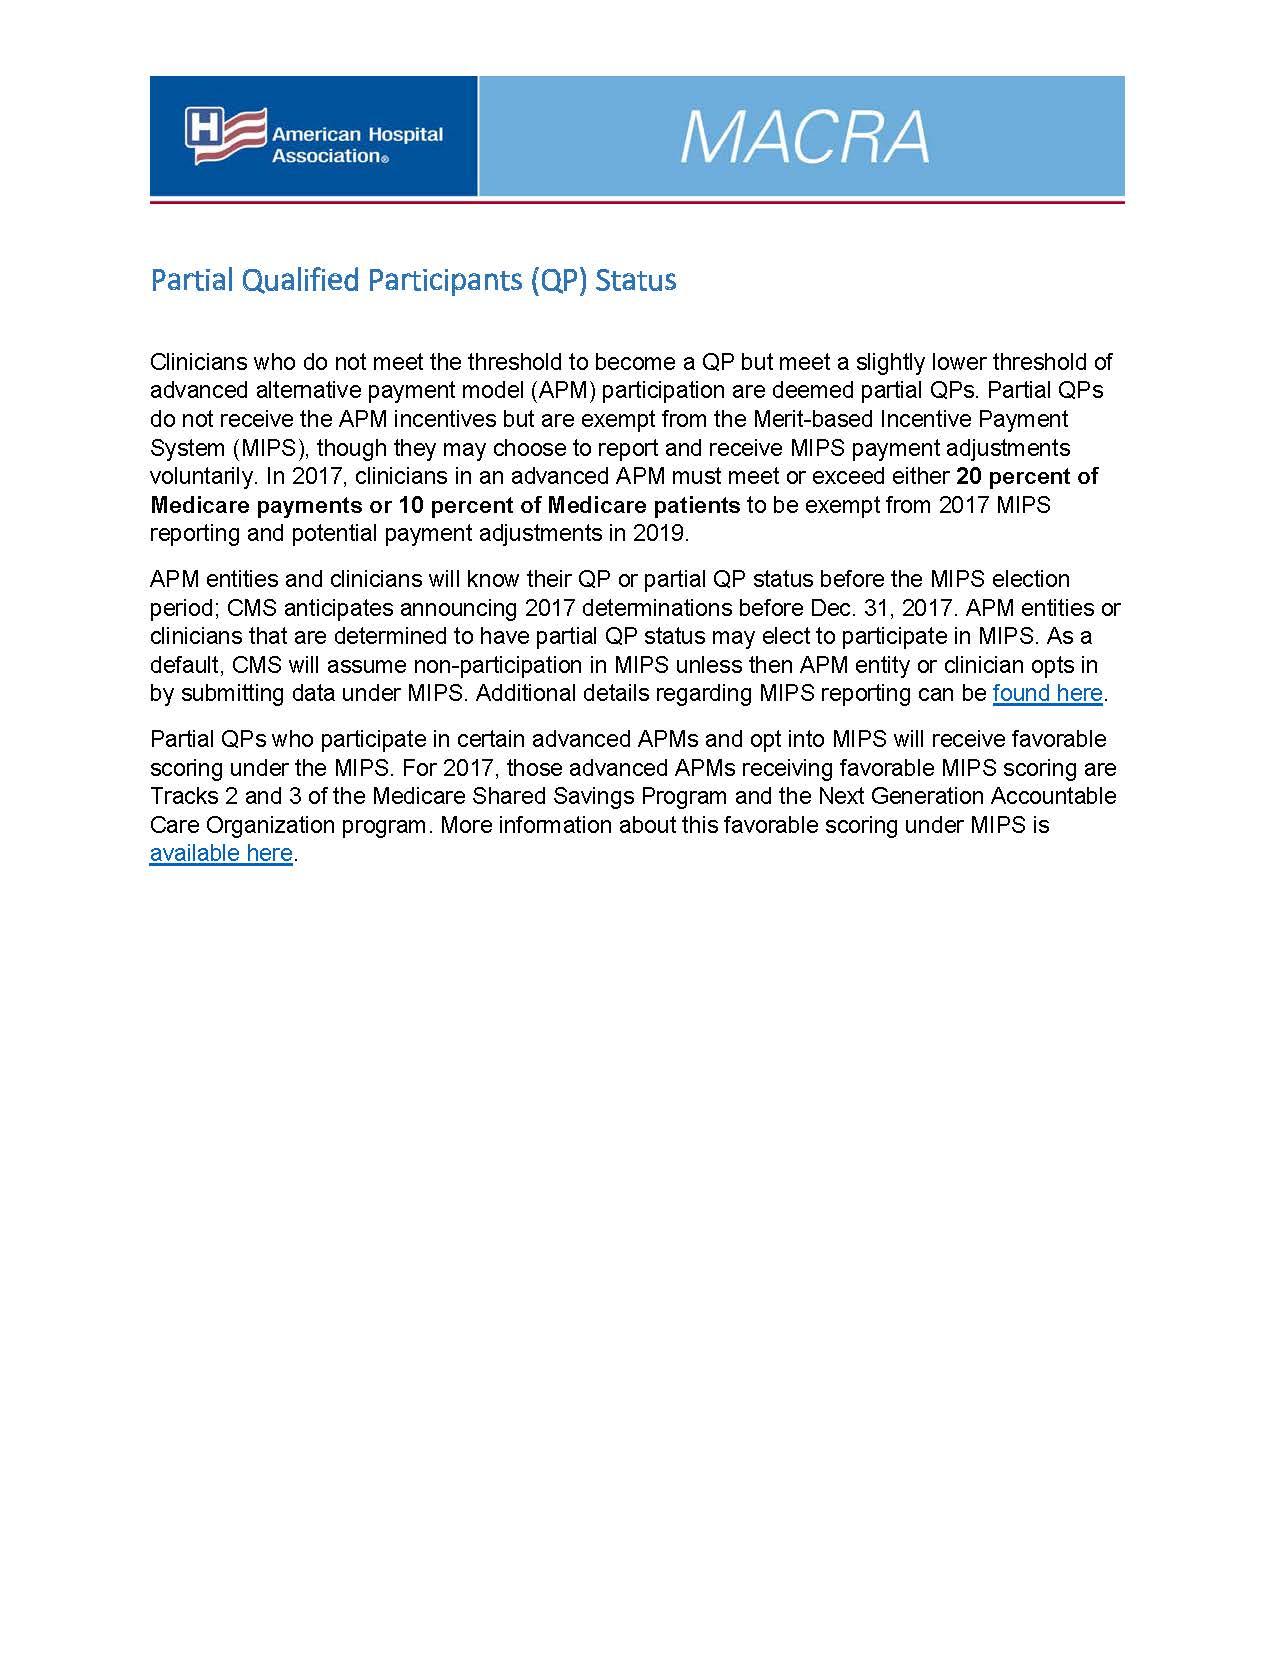 Partial Qualified Participants (QP) Status | AHA